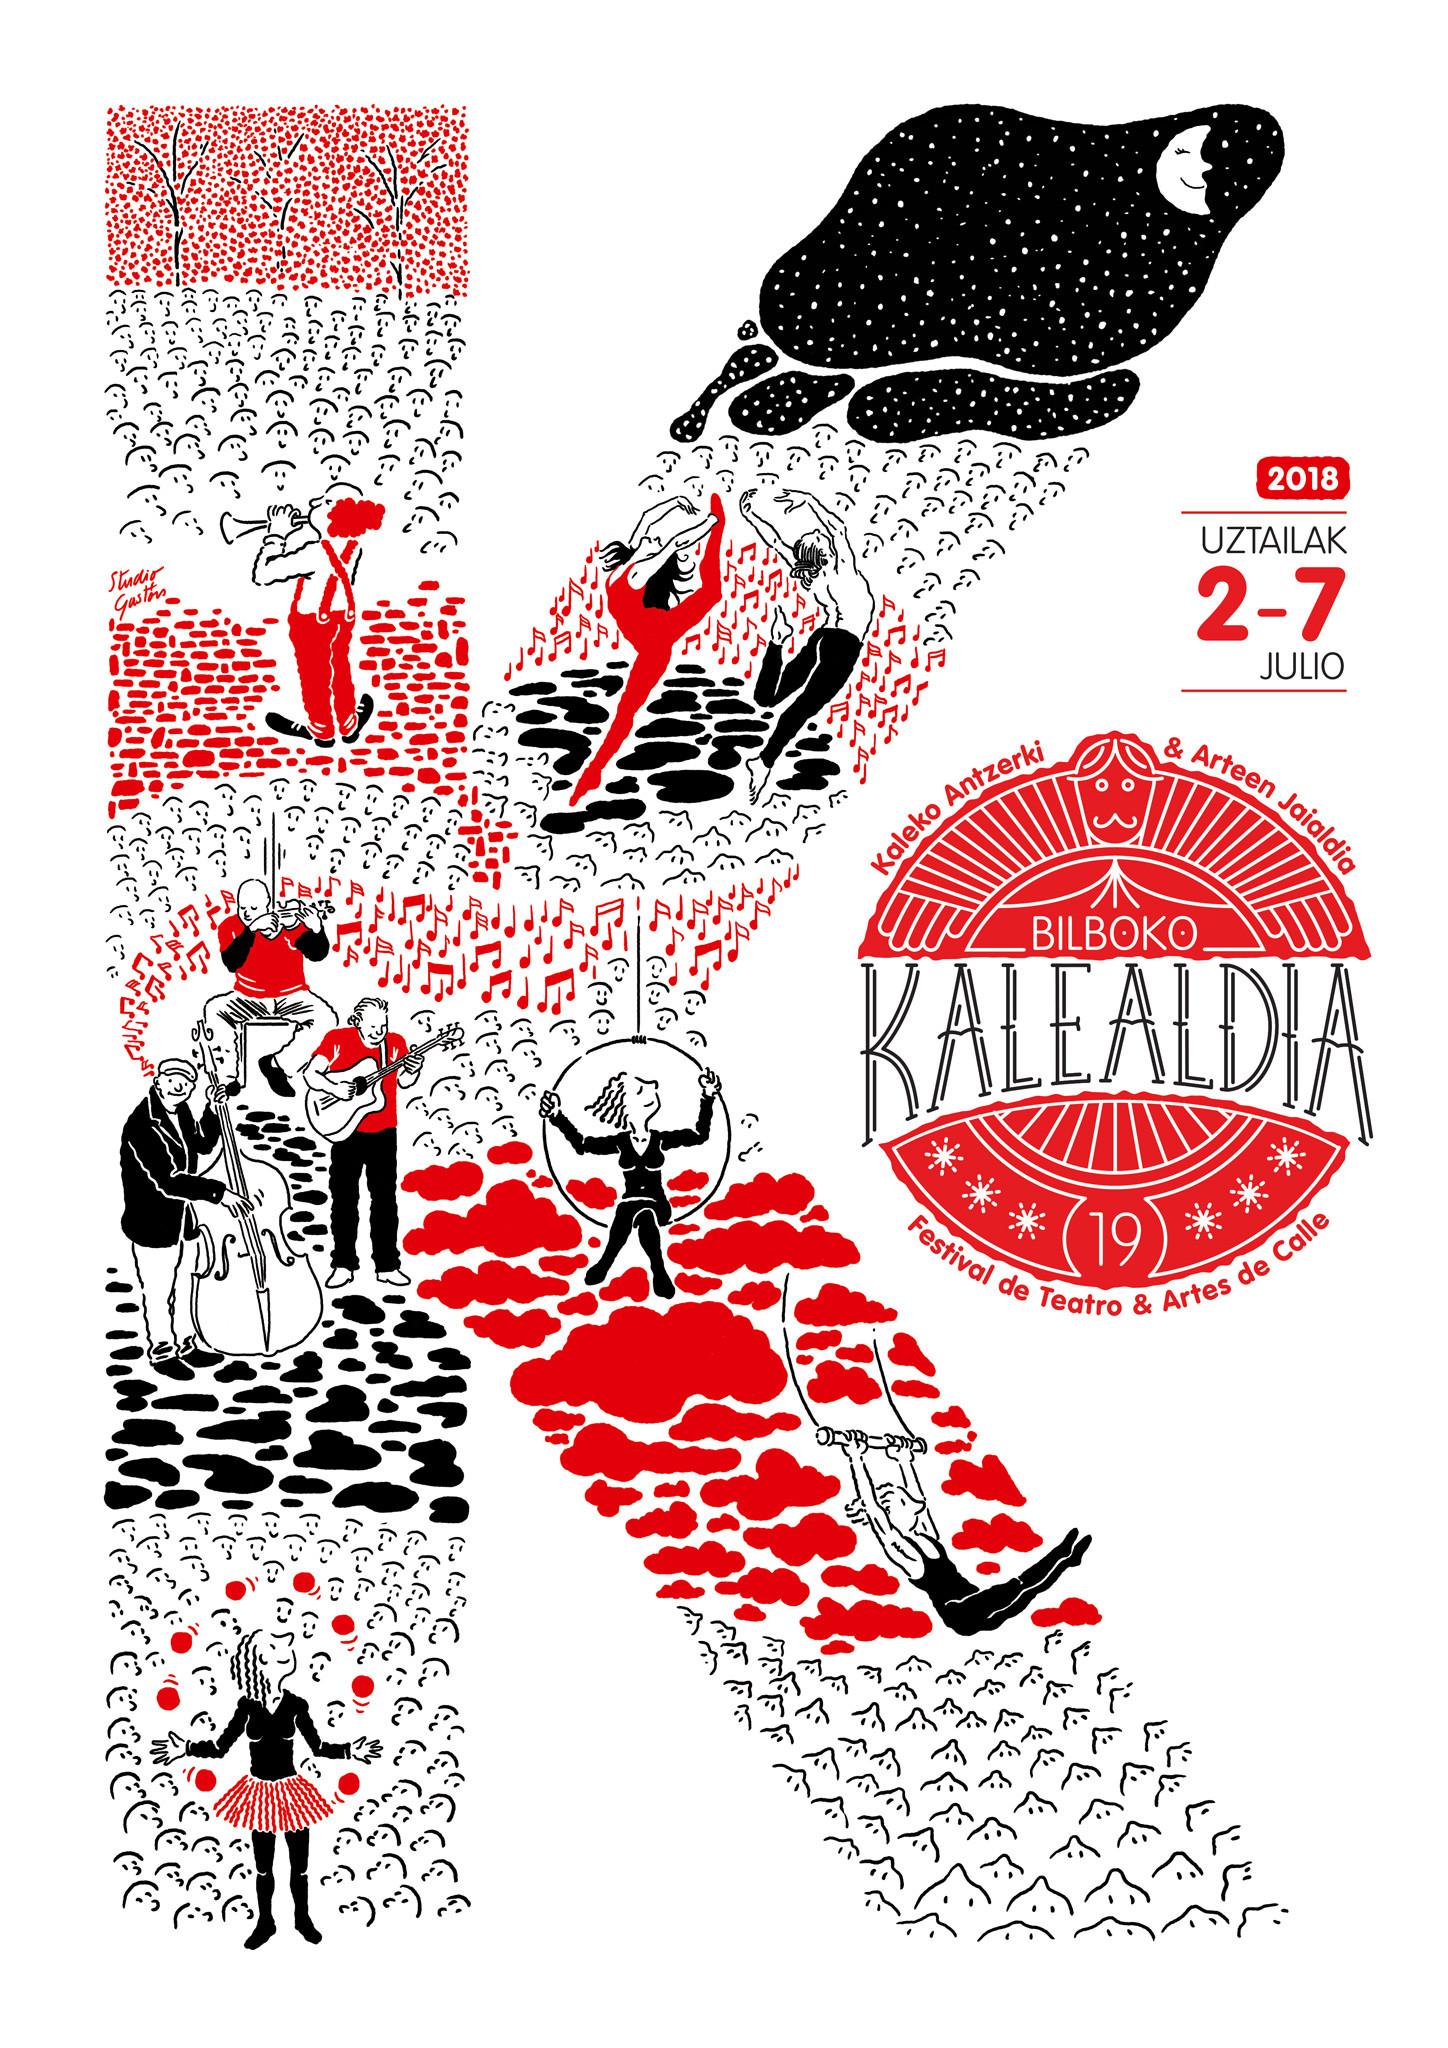 KALEALDIA_2018_cartel